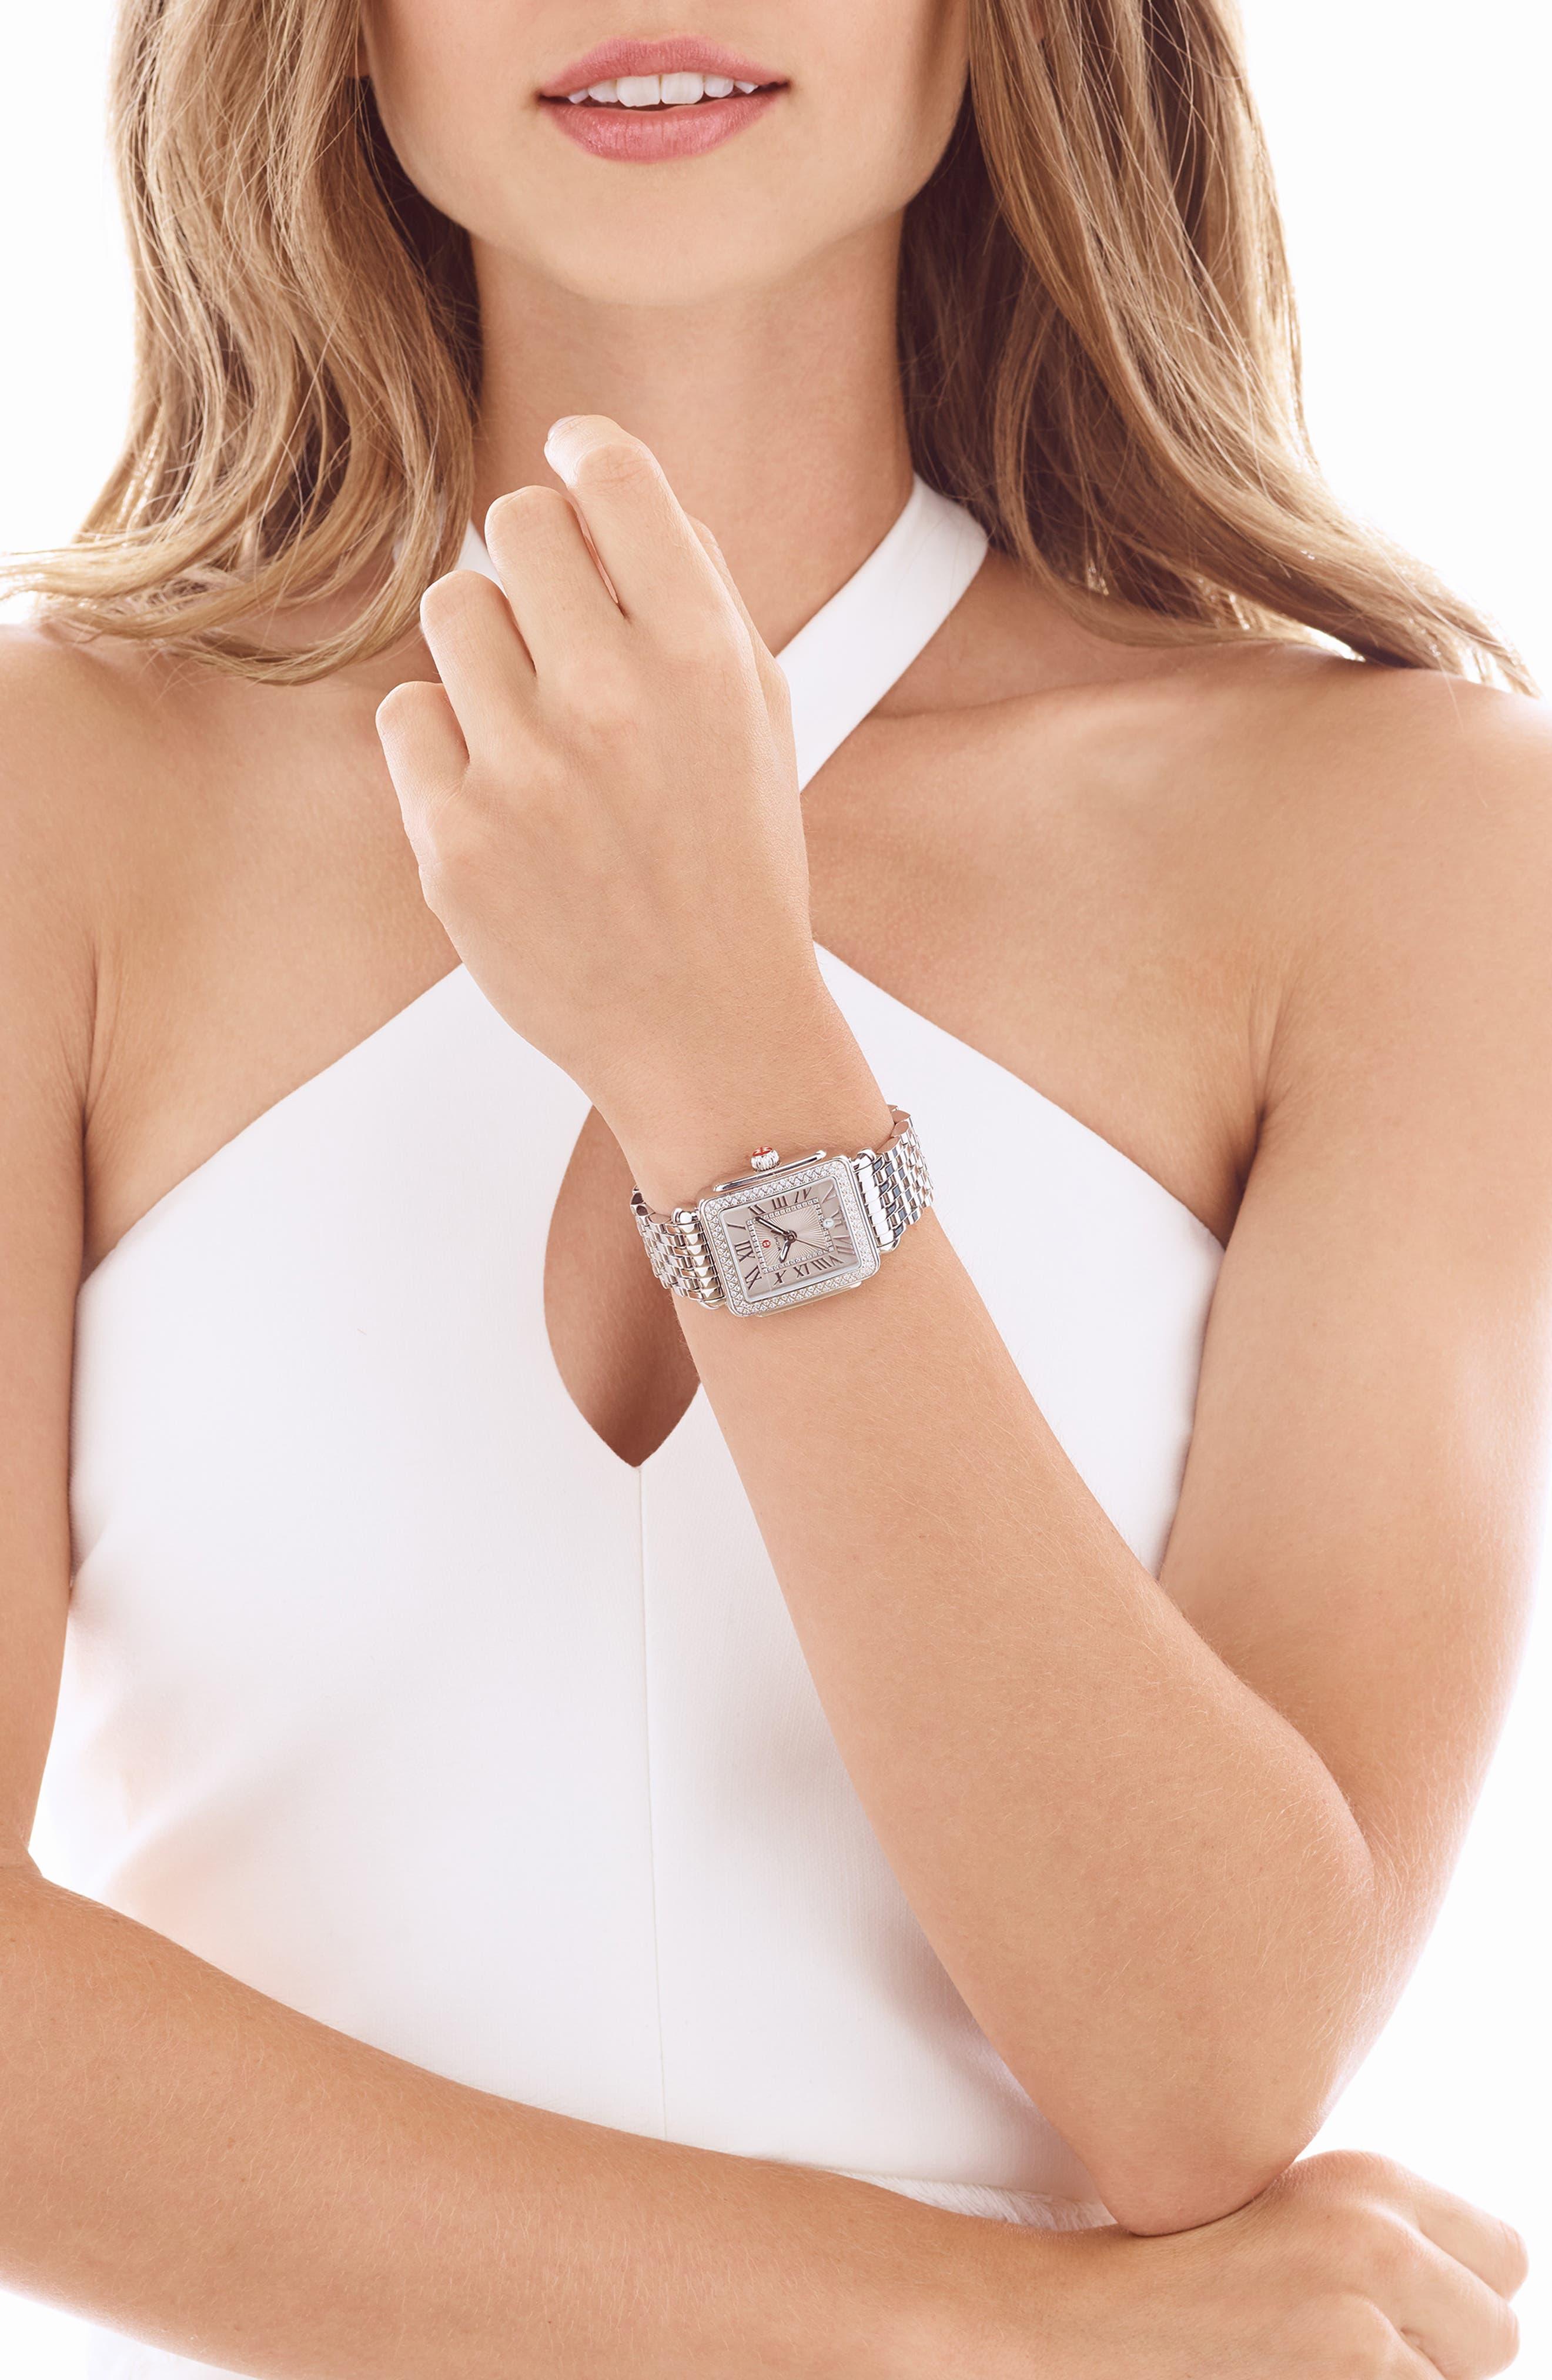 Deco 16 16mm Bracelet Watchband,                             Alternate thumbnail 10, color,                             040